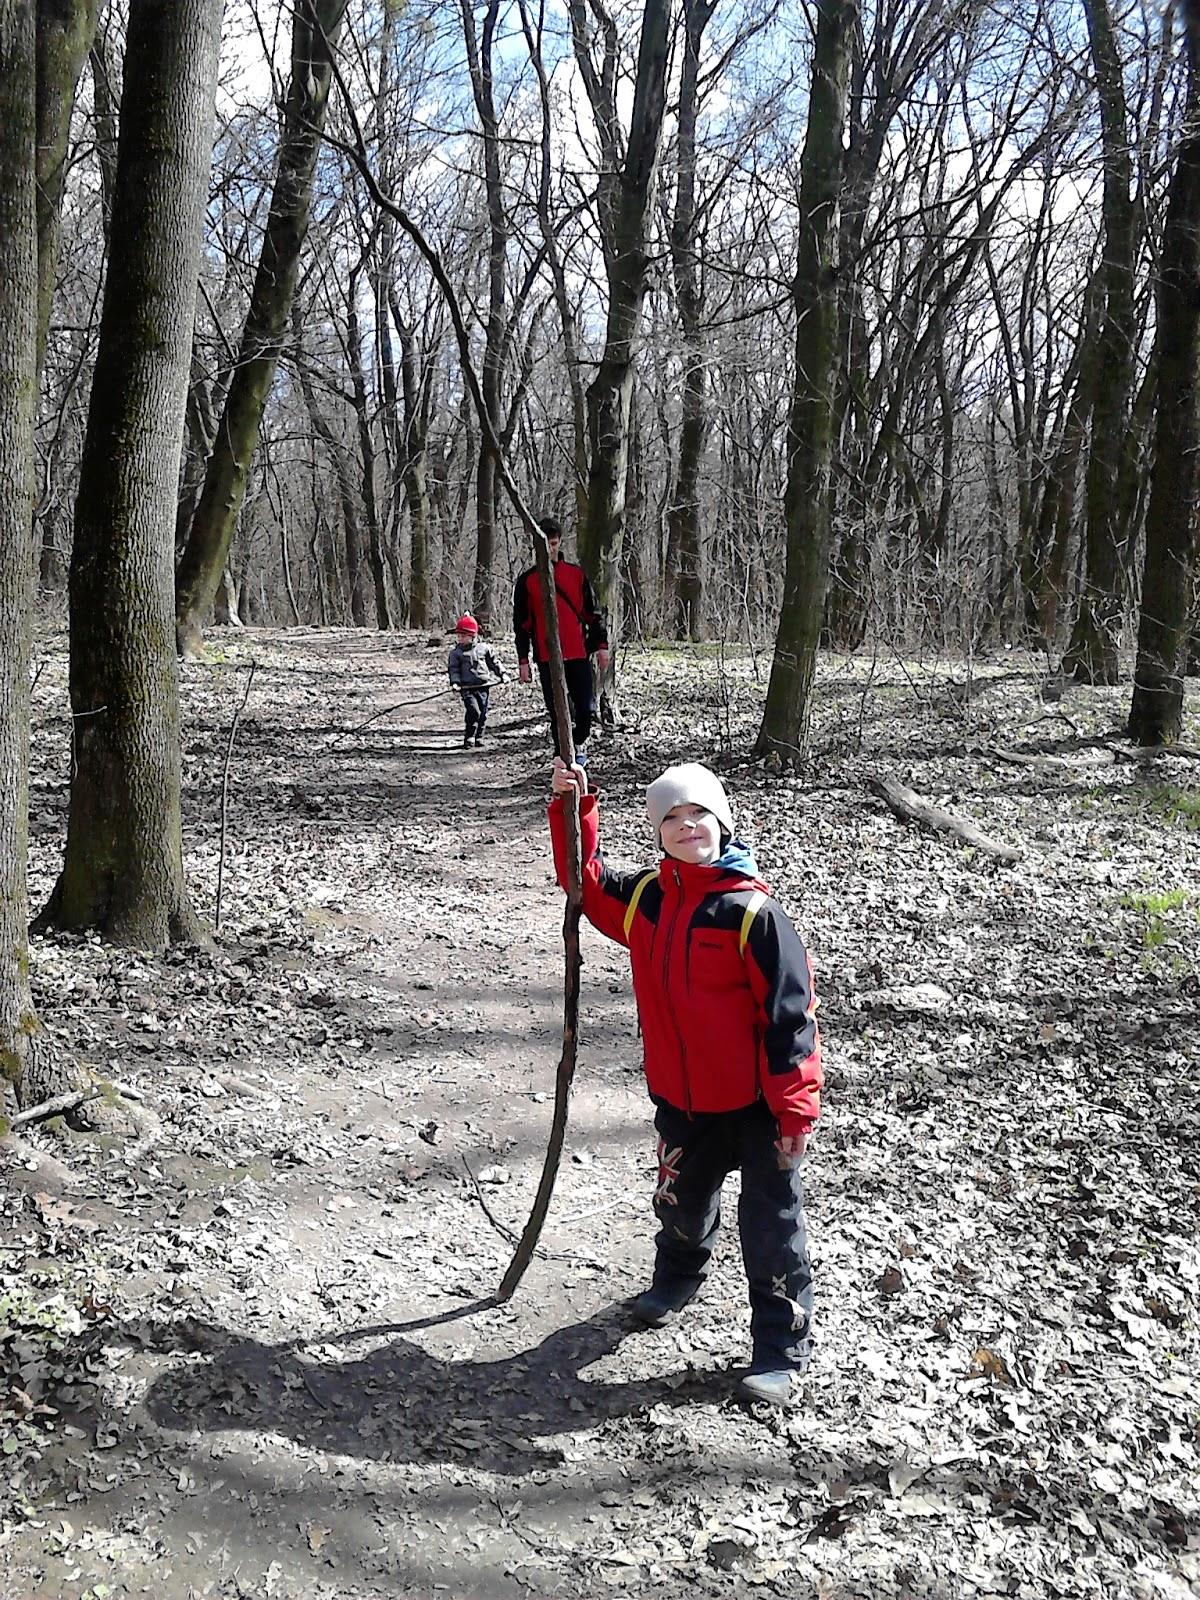 Пошли погулять голыми в лесу, самые старше шлюхи фото